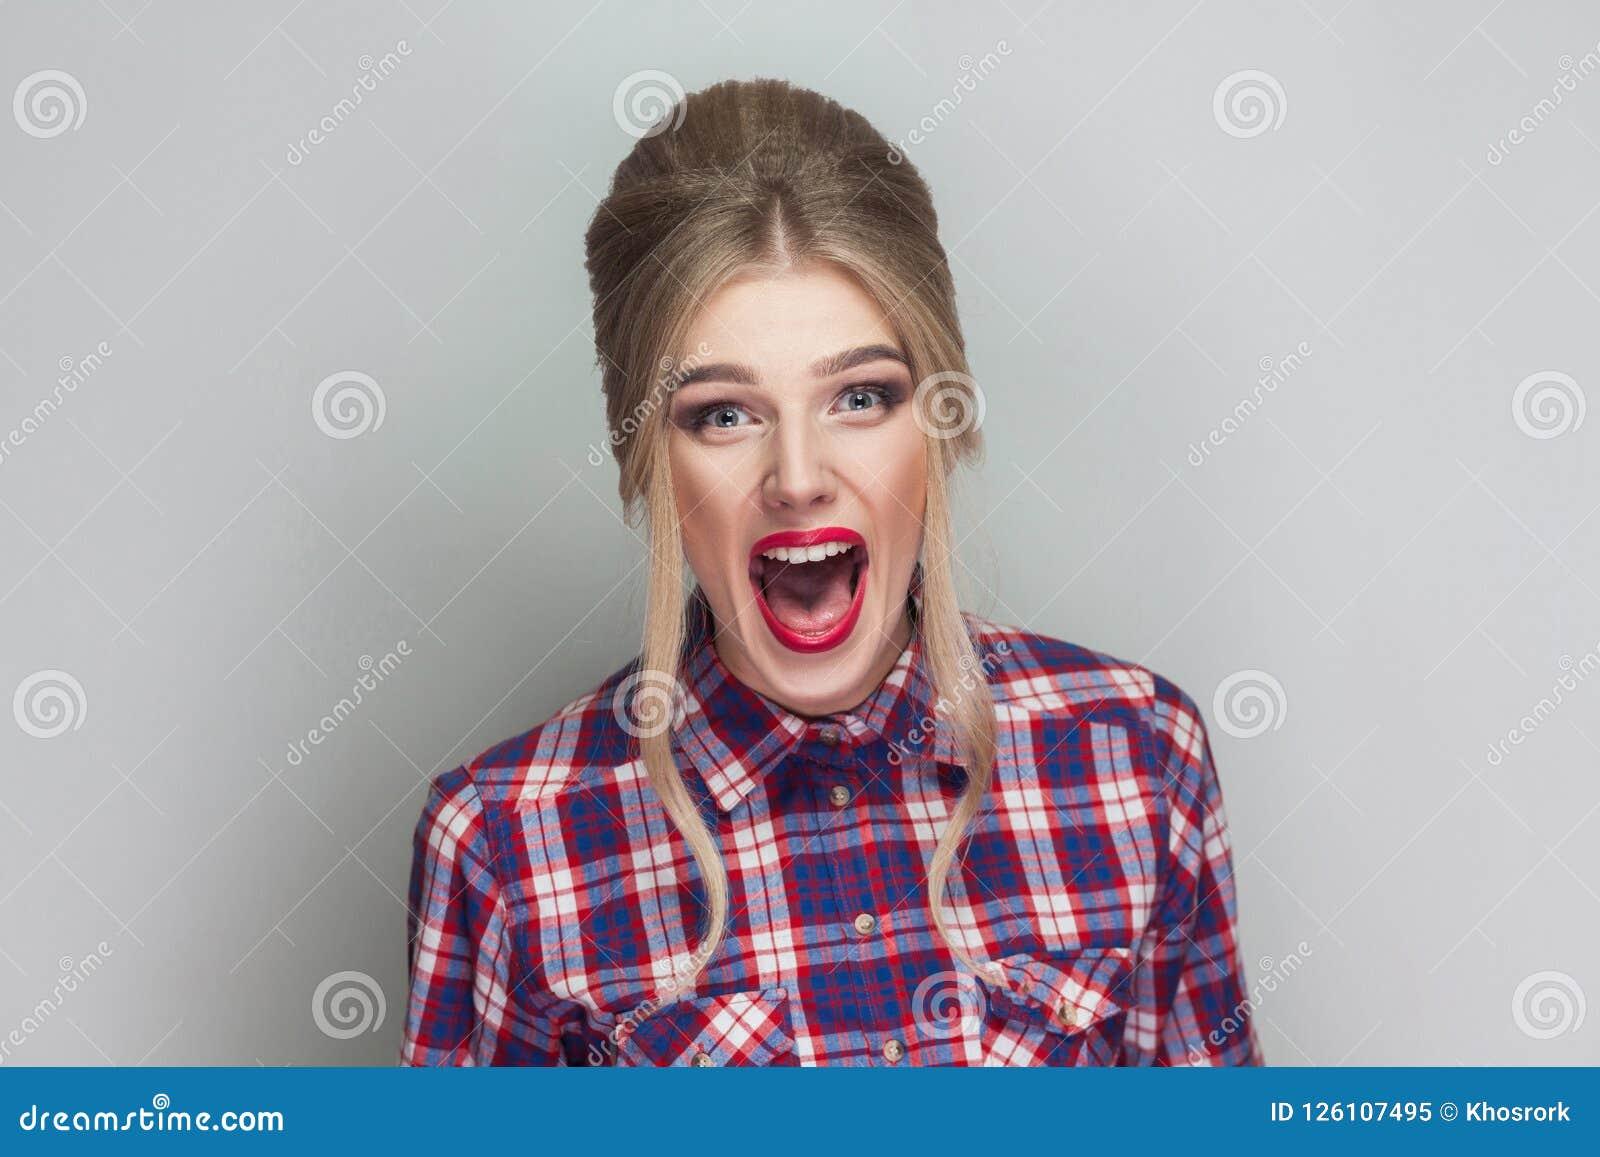 Bella ragazza bionda stupita con la camicia a quadretti rosa, collecte